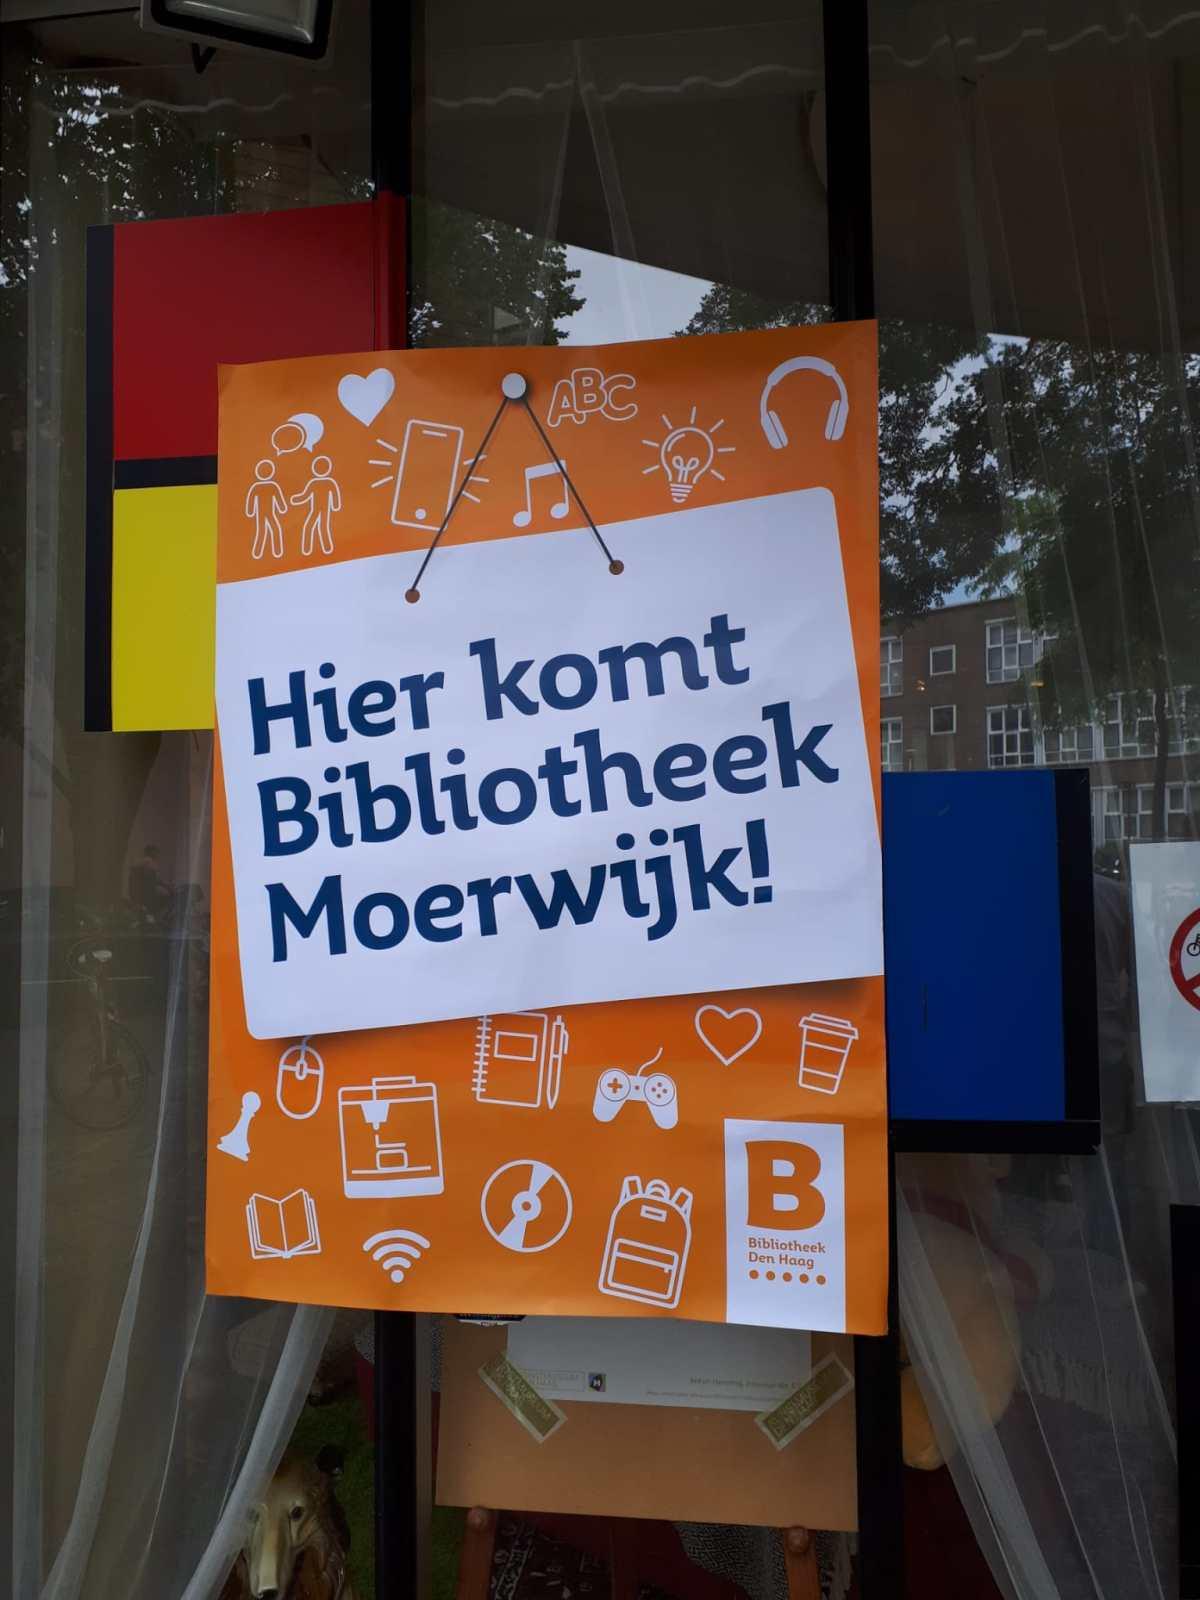 Bibliotheek Moerwijk HWW Zorg Twickelstraat Moerwijk Cooperatie Neo de Bono